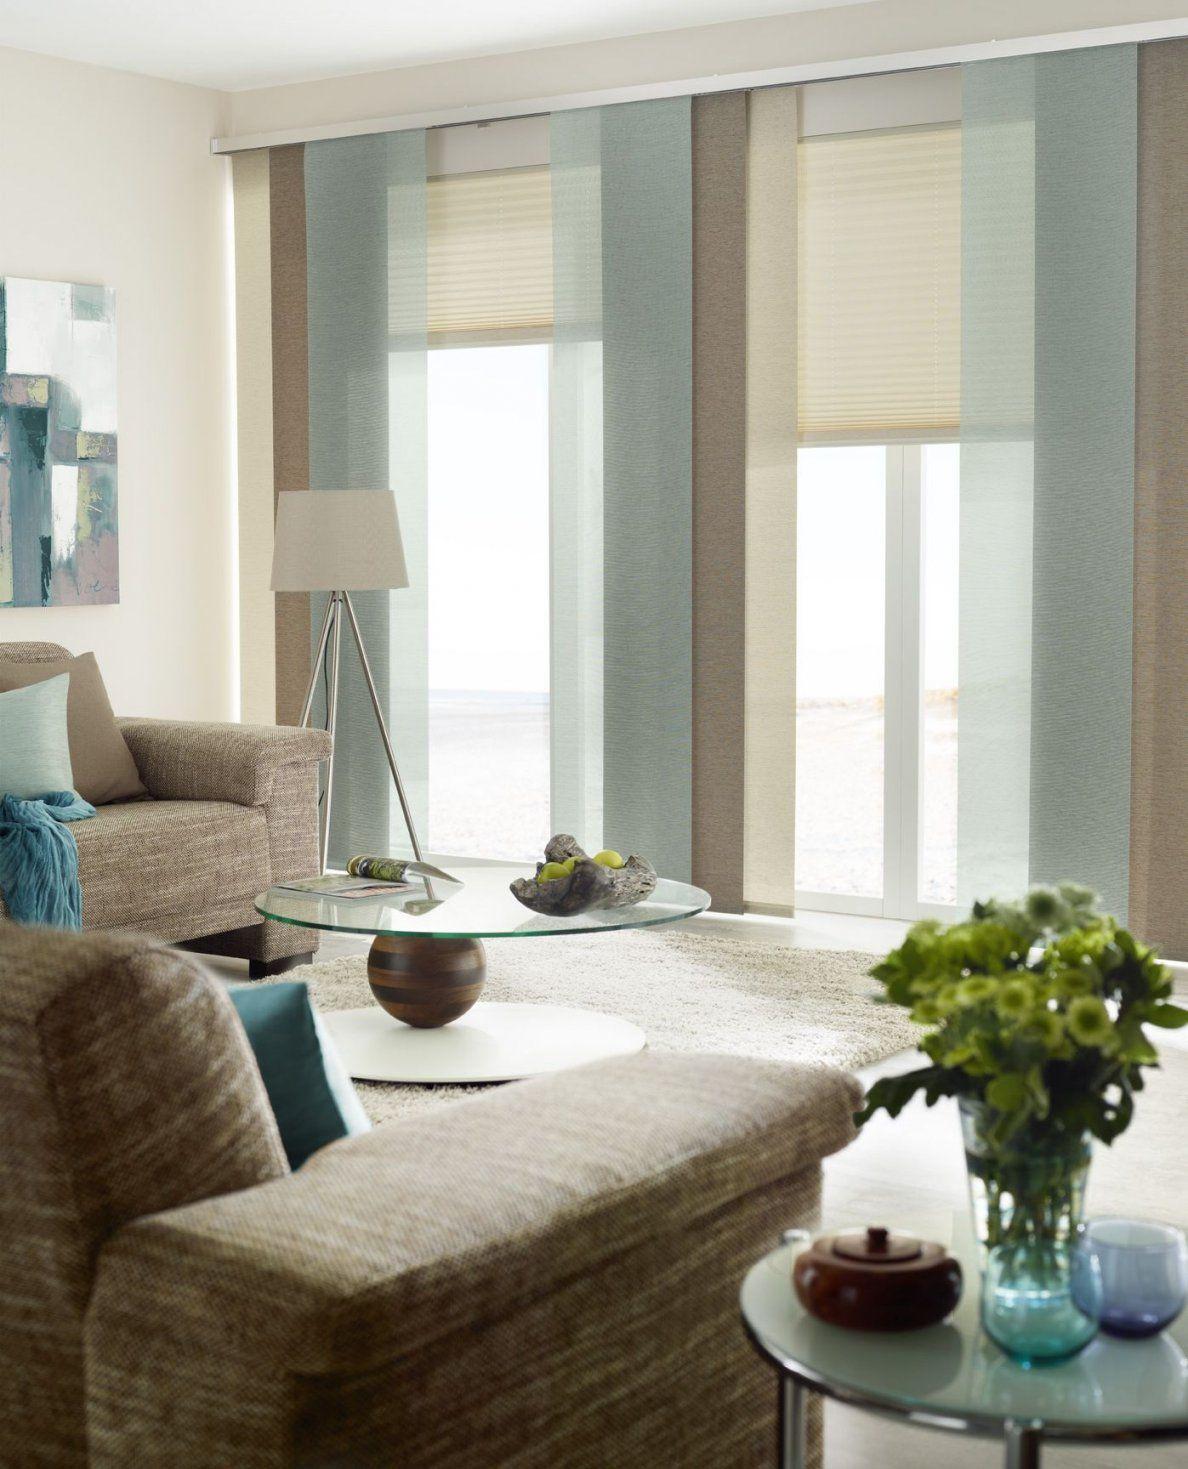 Fenster Urbansteel Tecno Gardinen Dekostoffe Vorhang Wohnstoffe von Wohnzimmer Gardinen Angebote Bild